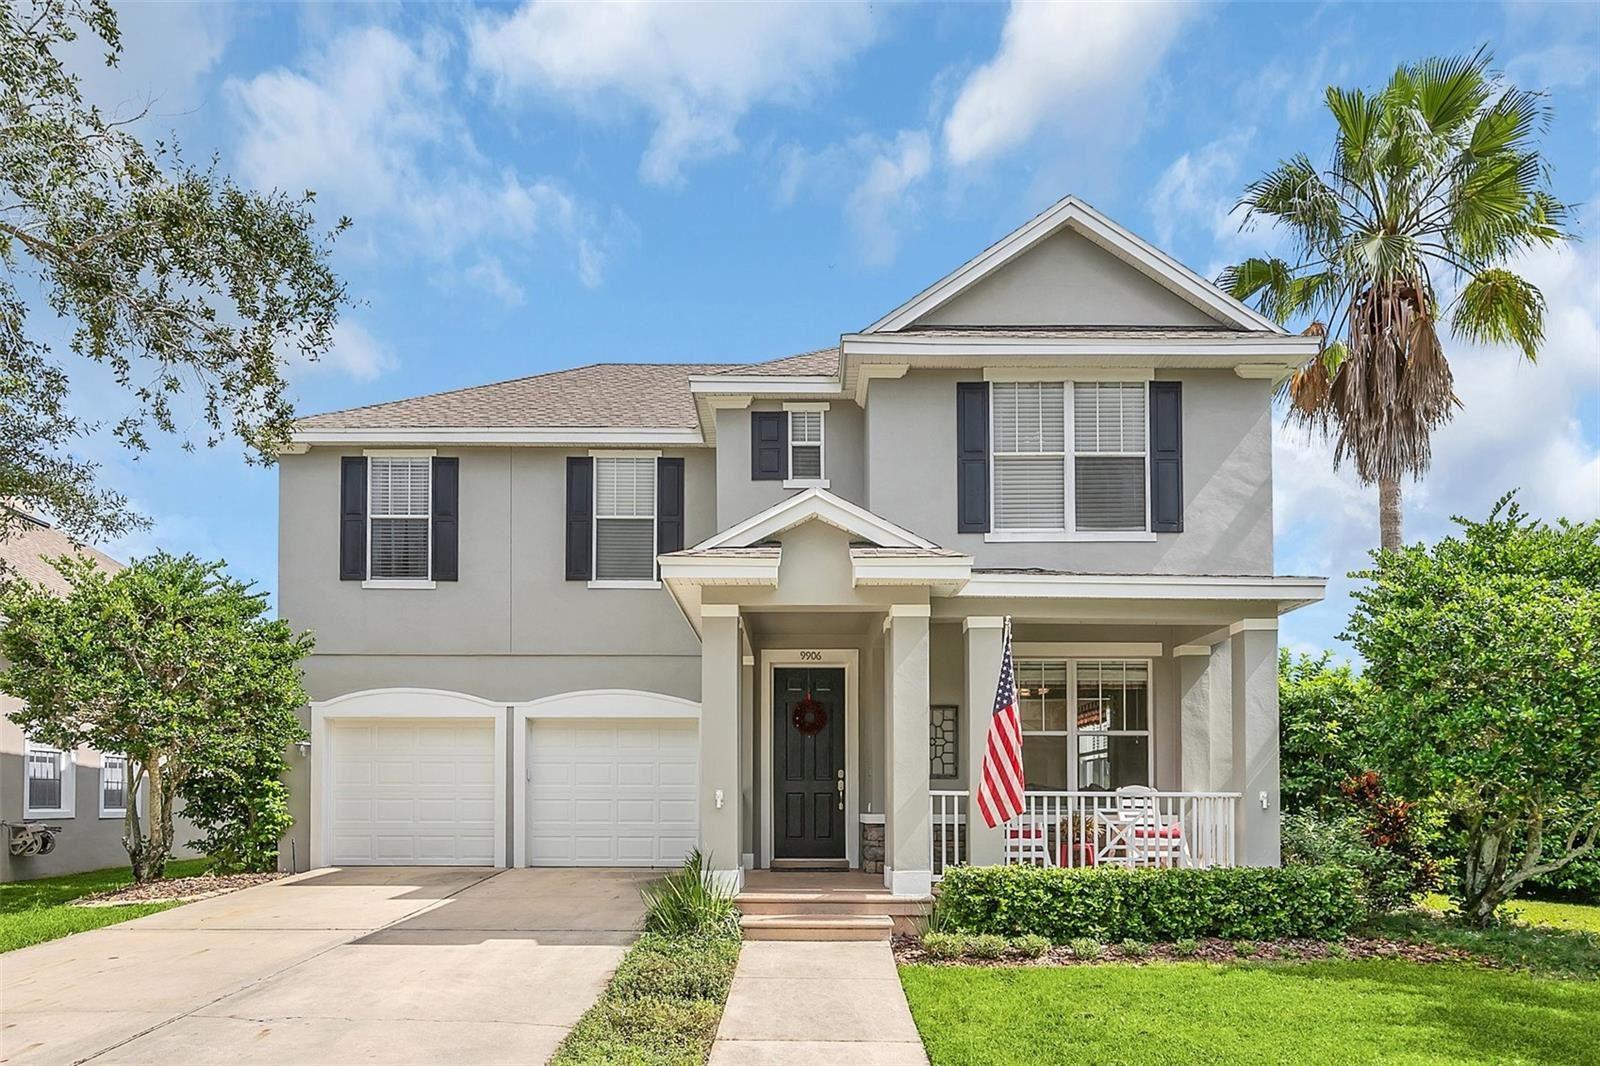 9906 SWEETLEAF STREET, Orlando, FL 32827 - #: O5979417